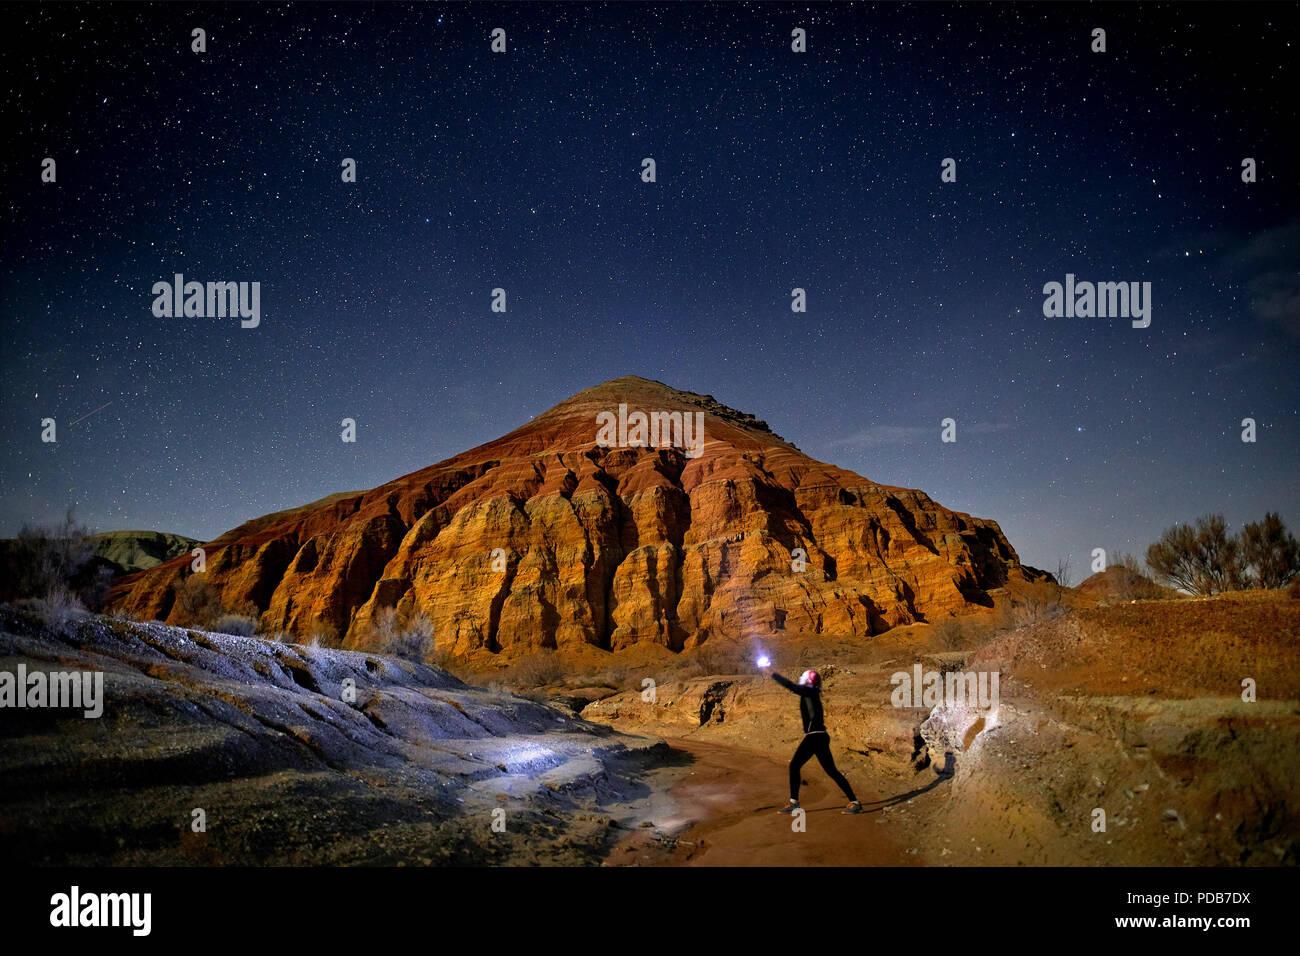 Uomo con testa luce nel deserto di notte sullo sfondo del cielo. Viaggi, avventuri e concetto di spedizione. Immagini Stock